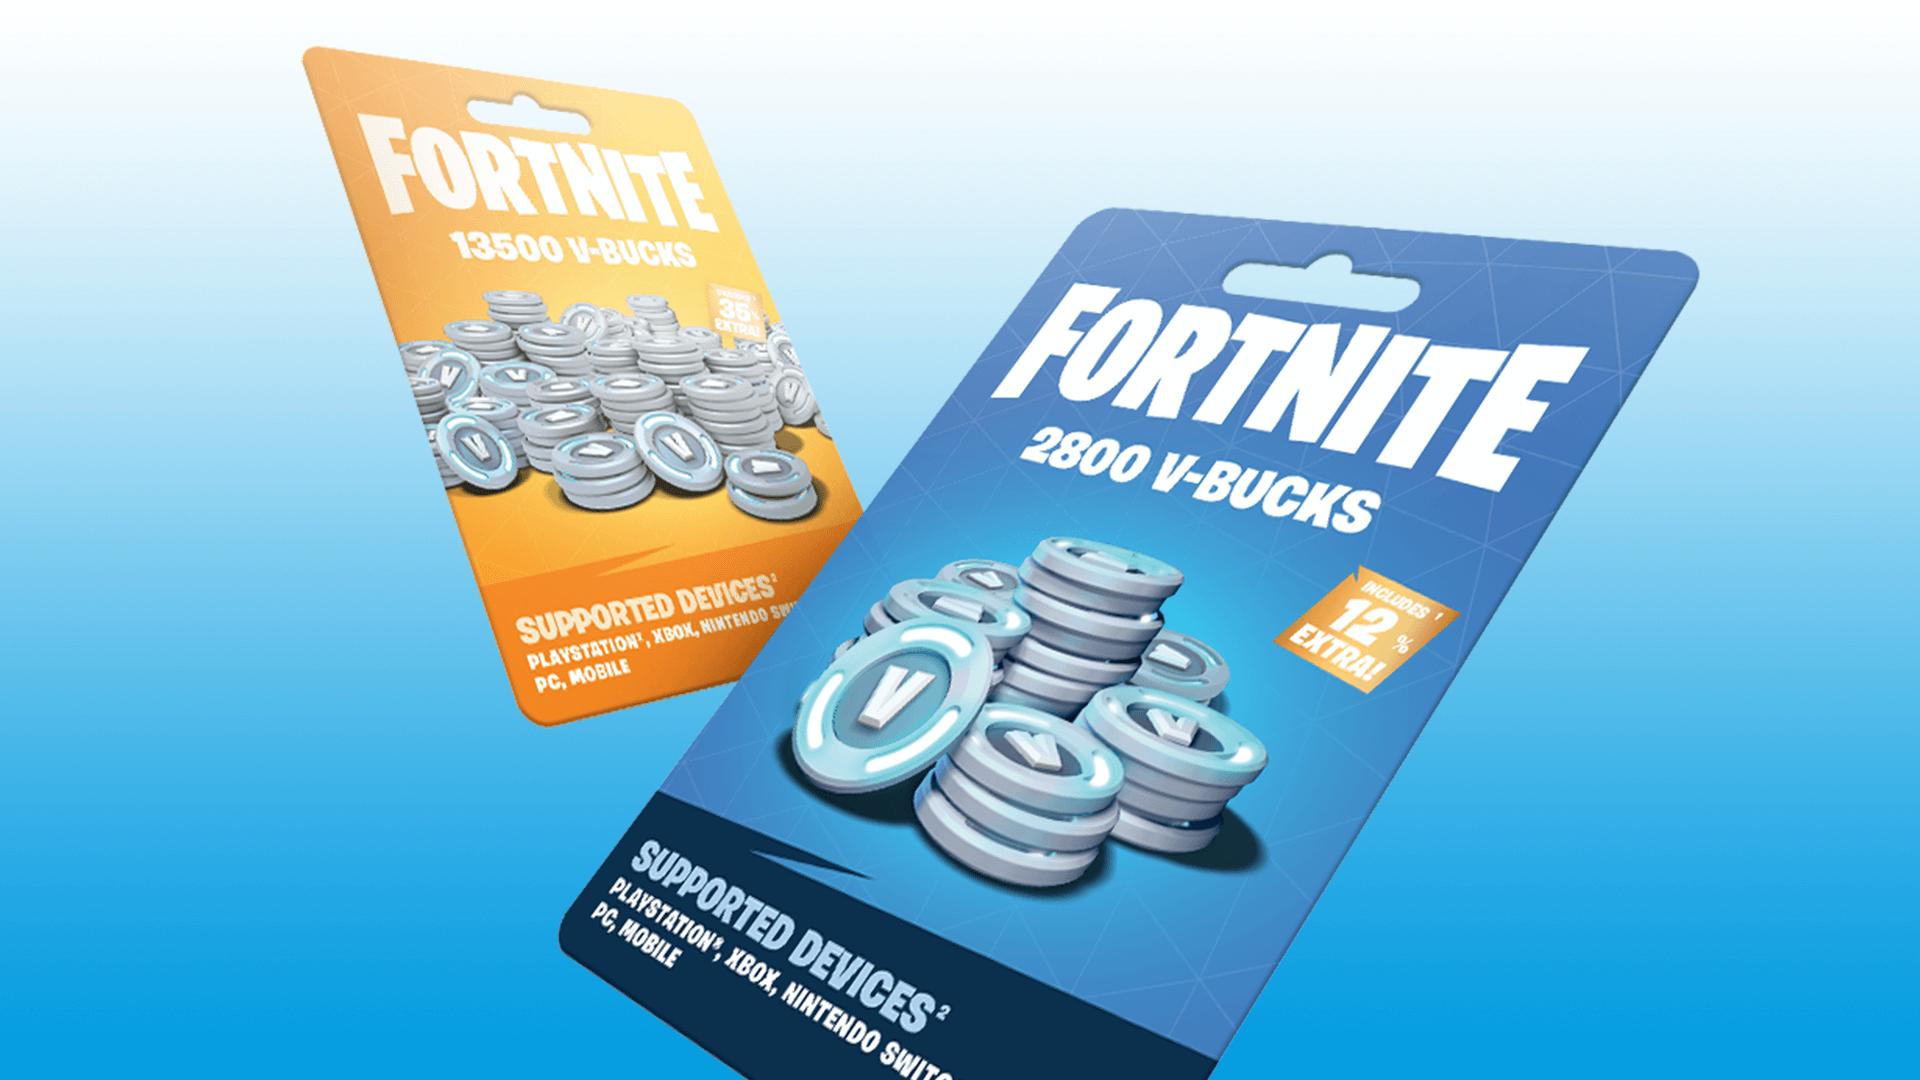 Fortnite V Bucks Redeem V Bucks Gift Card Fortnite Each level progresses the player up. fortnite v bucks redeem v bucks gift